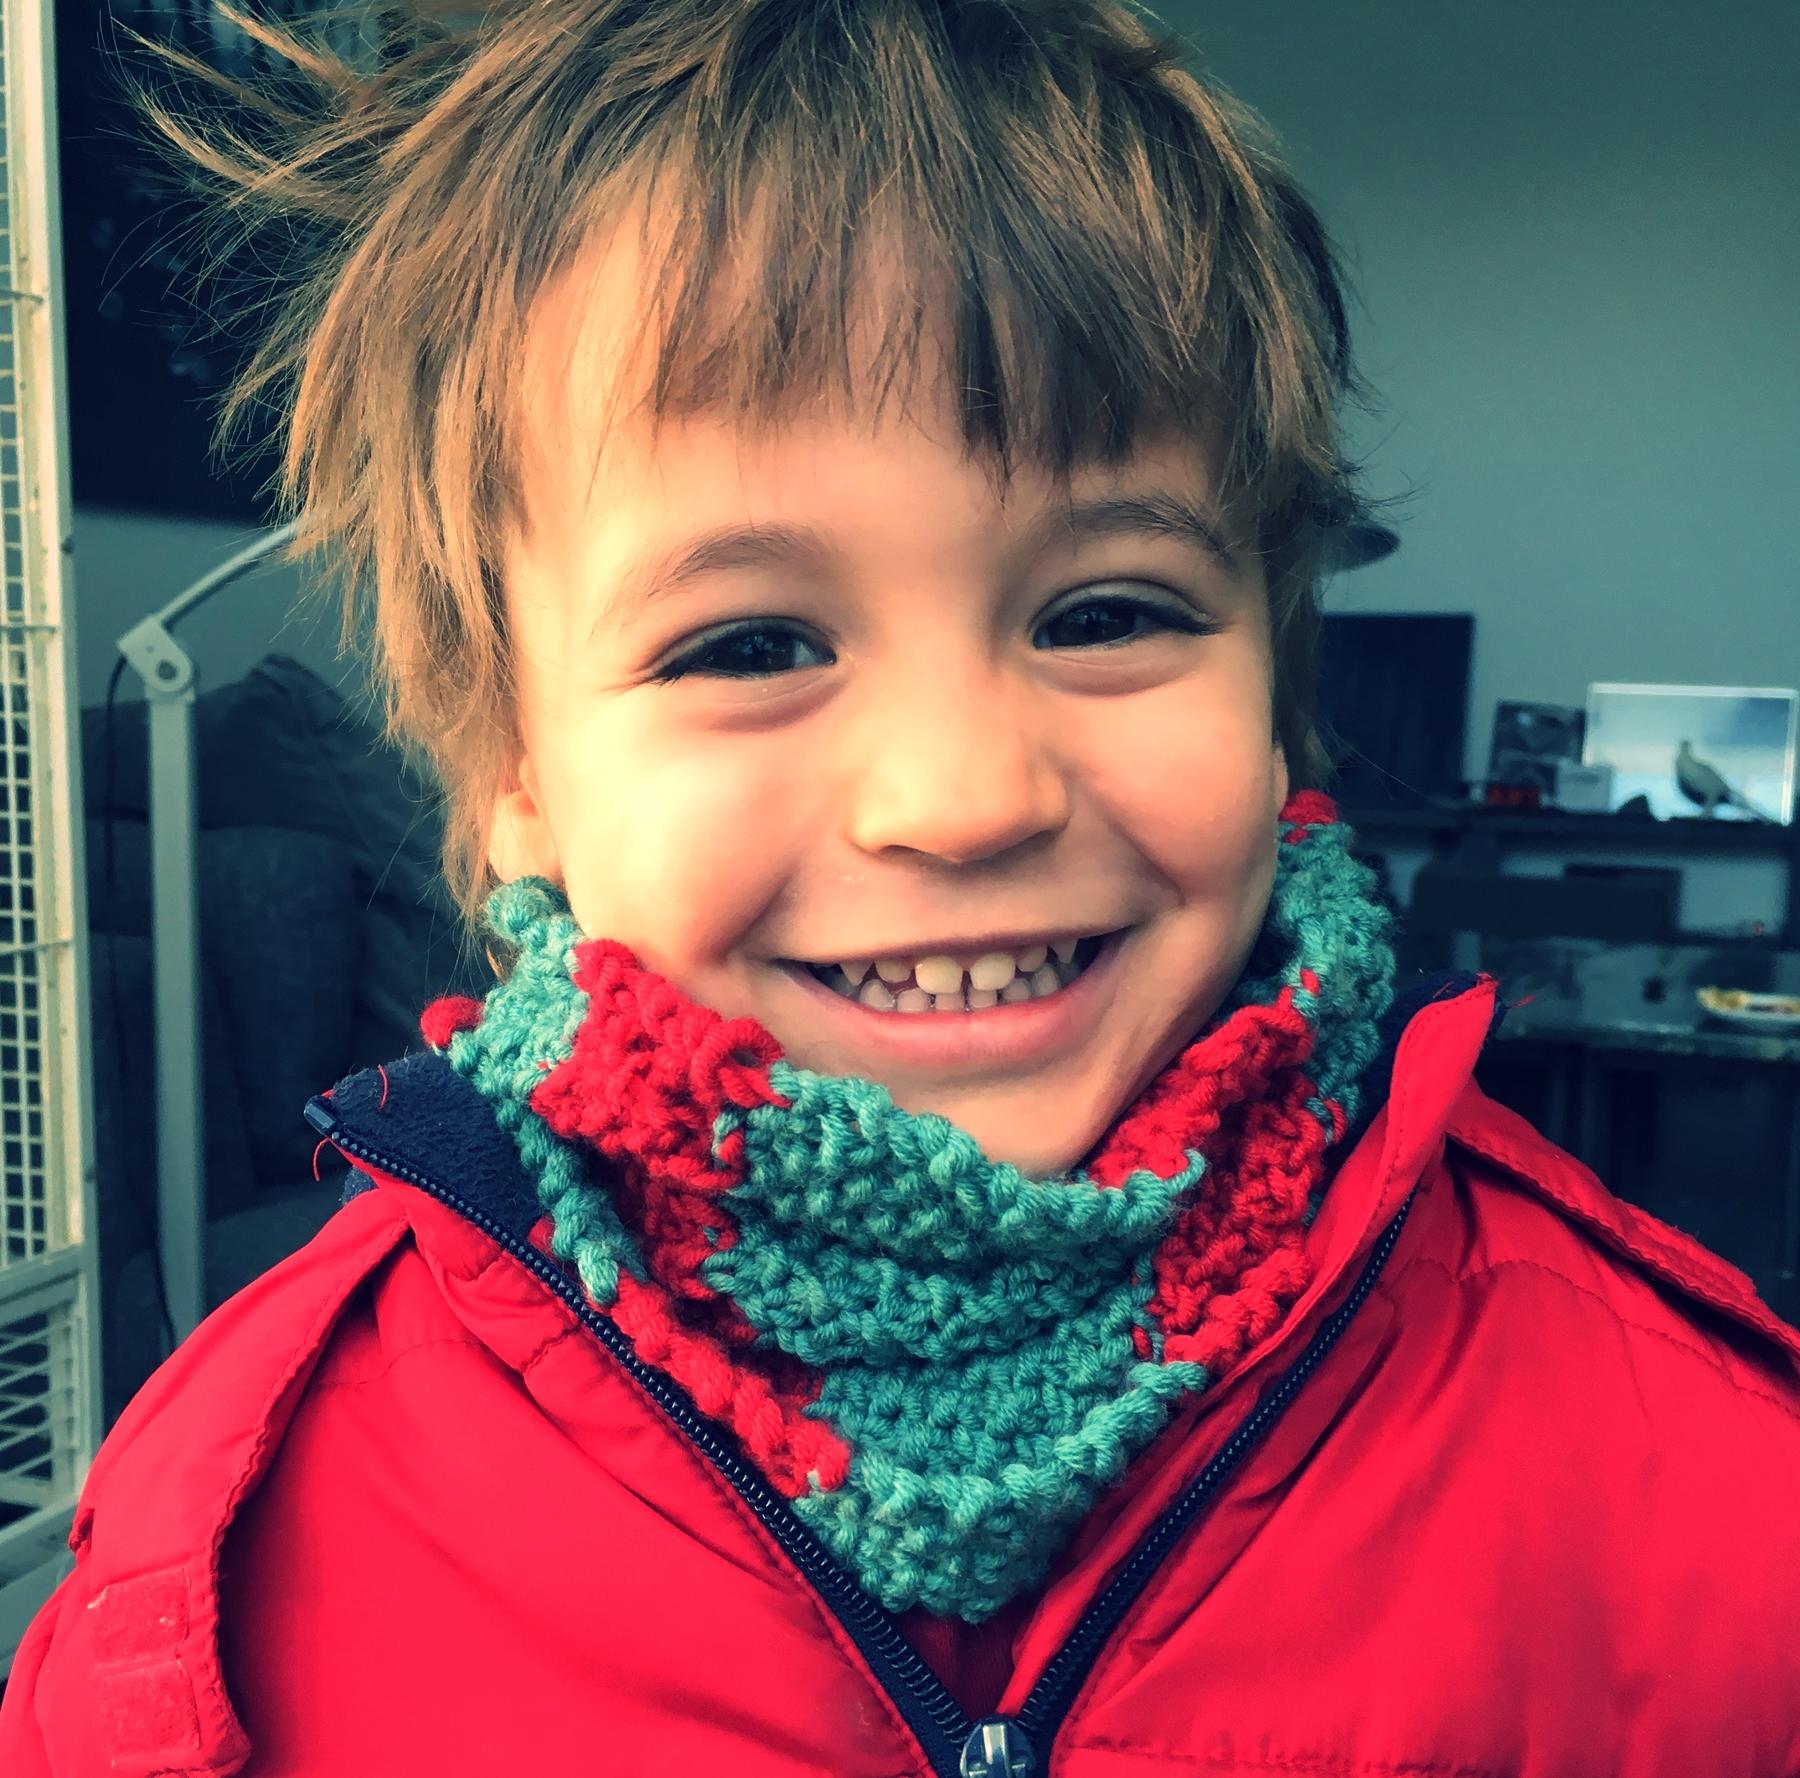 Mon petit et son tricot tout neuf, pas plus tard qu'aujourd'hui.